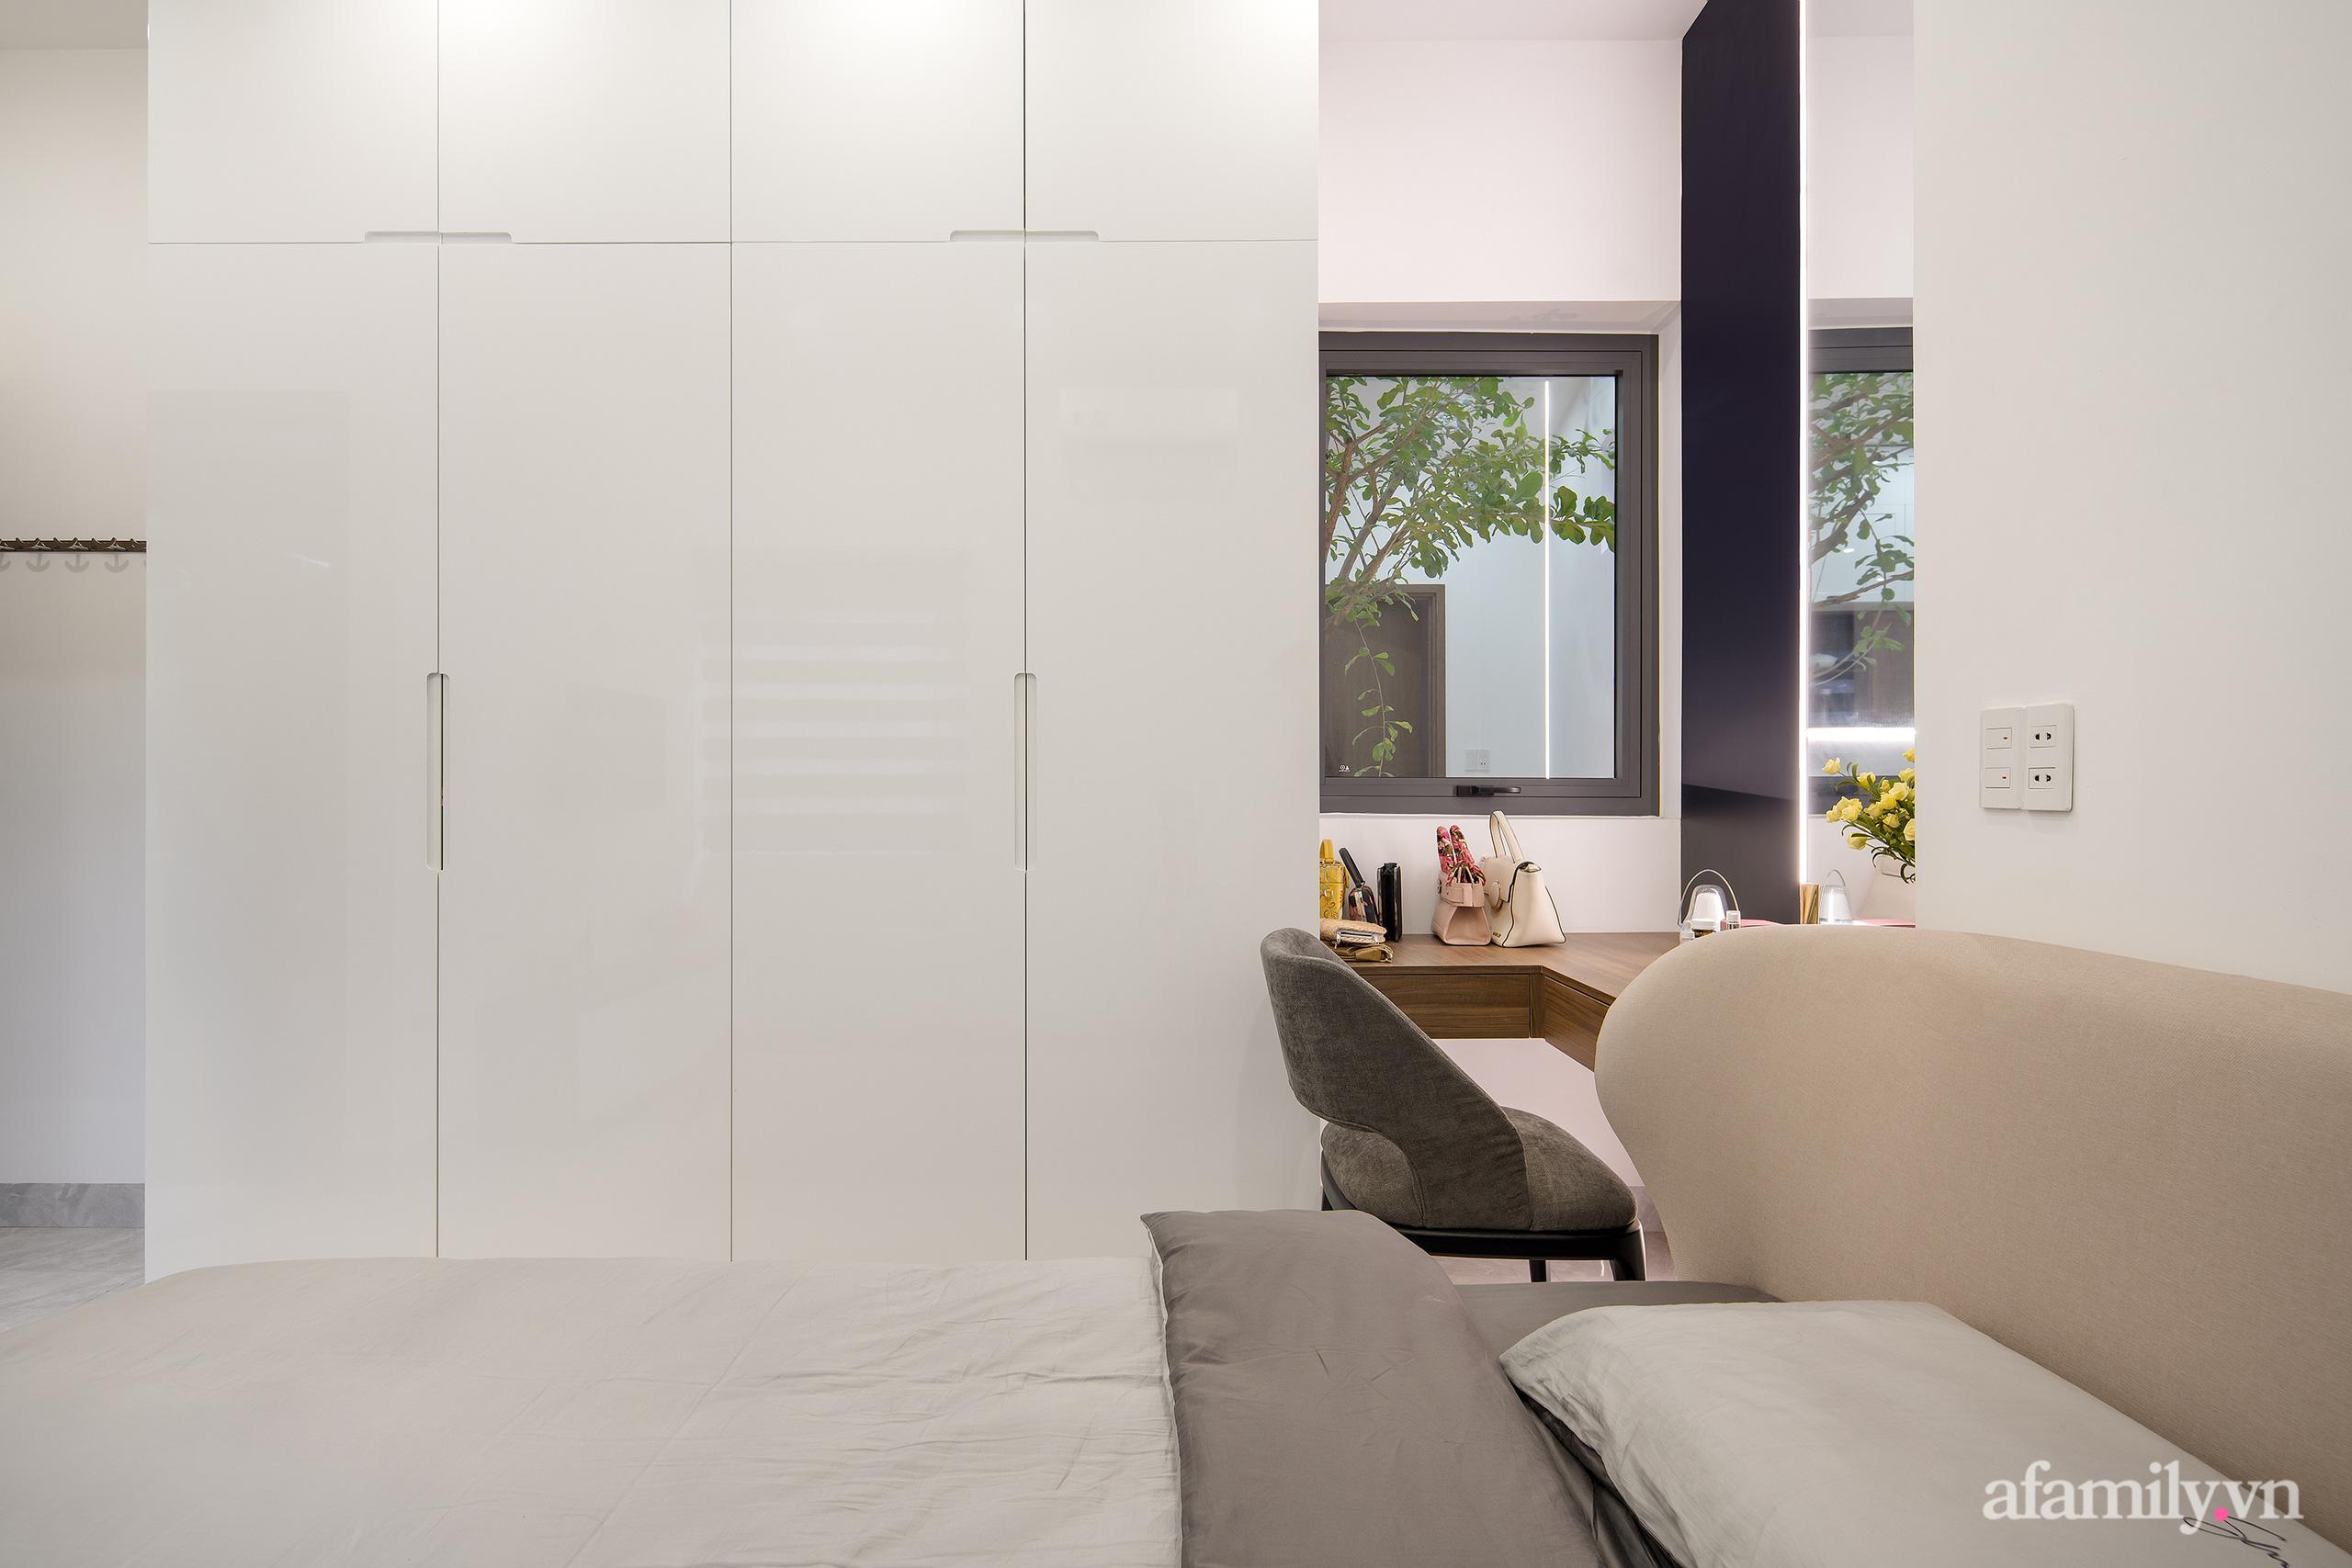 Nhà trong hẻm nhỏ vẫn ngập tràn ánh sáng, duyên dáng với nội thất tối giản ở Đà Nẵng - Ảnh 15.